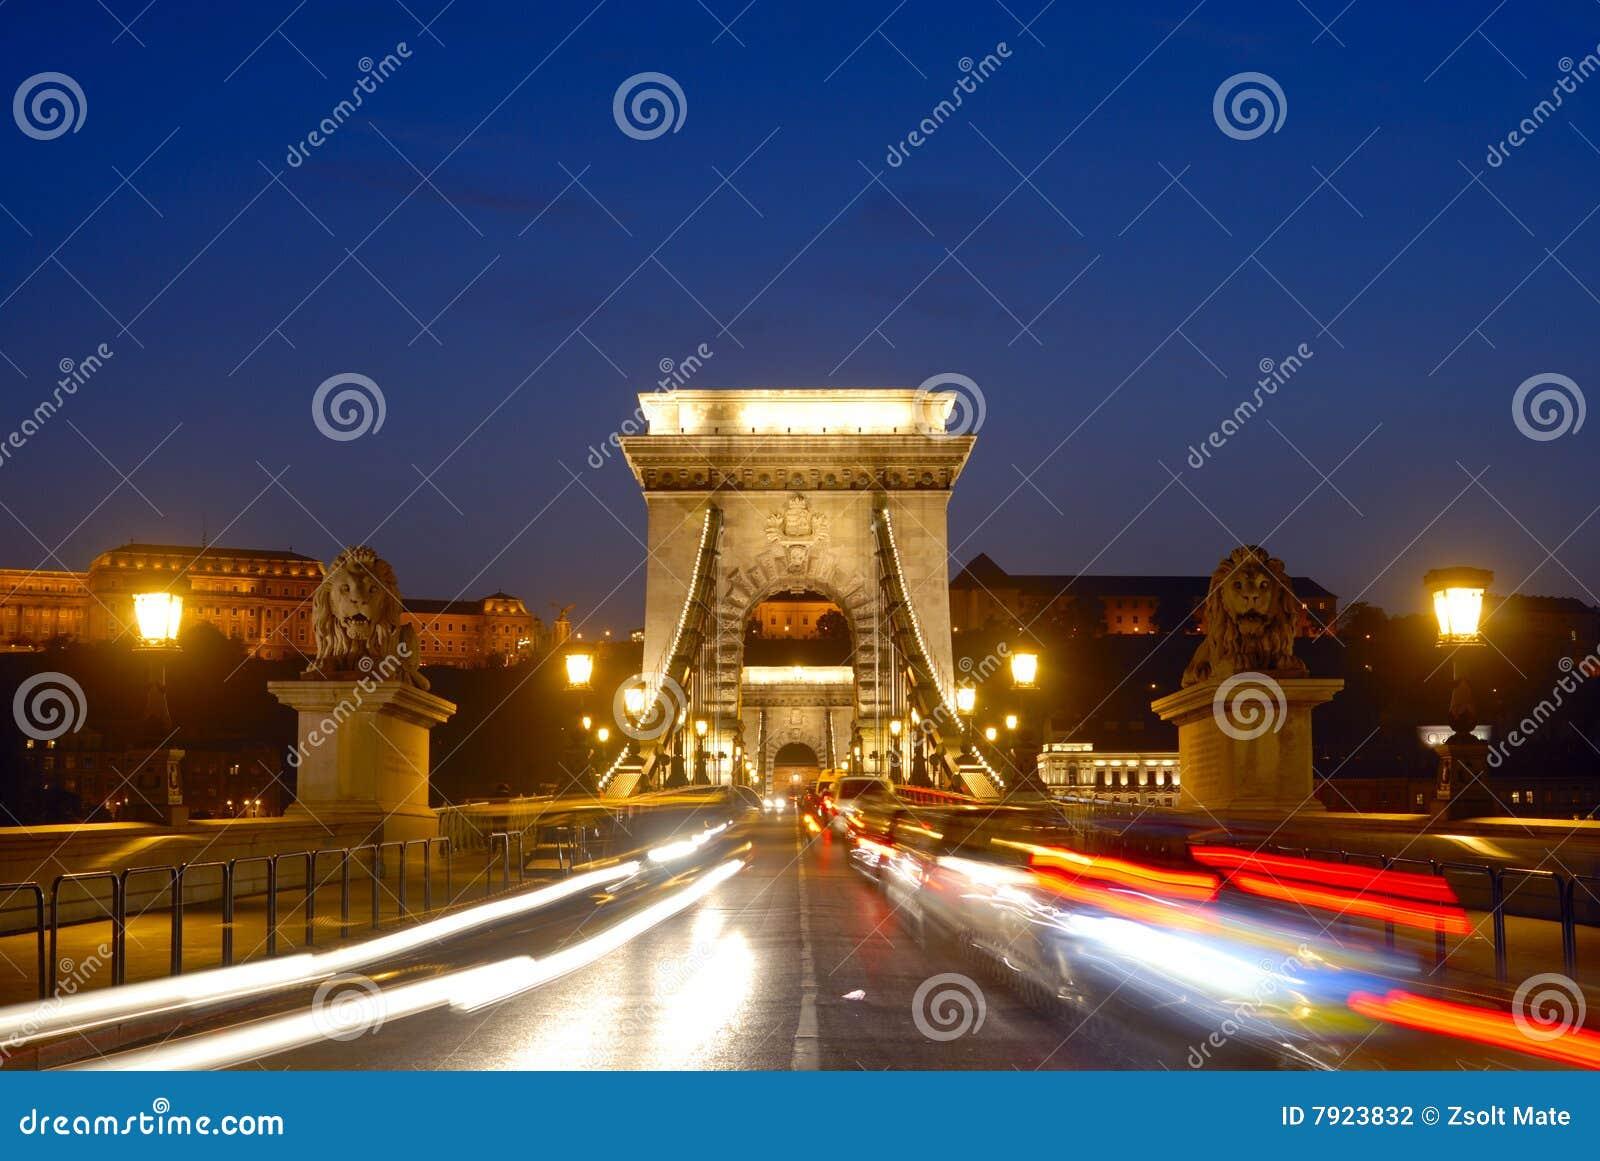 Puente de cadena de Budapest